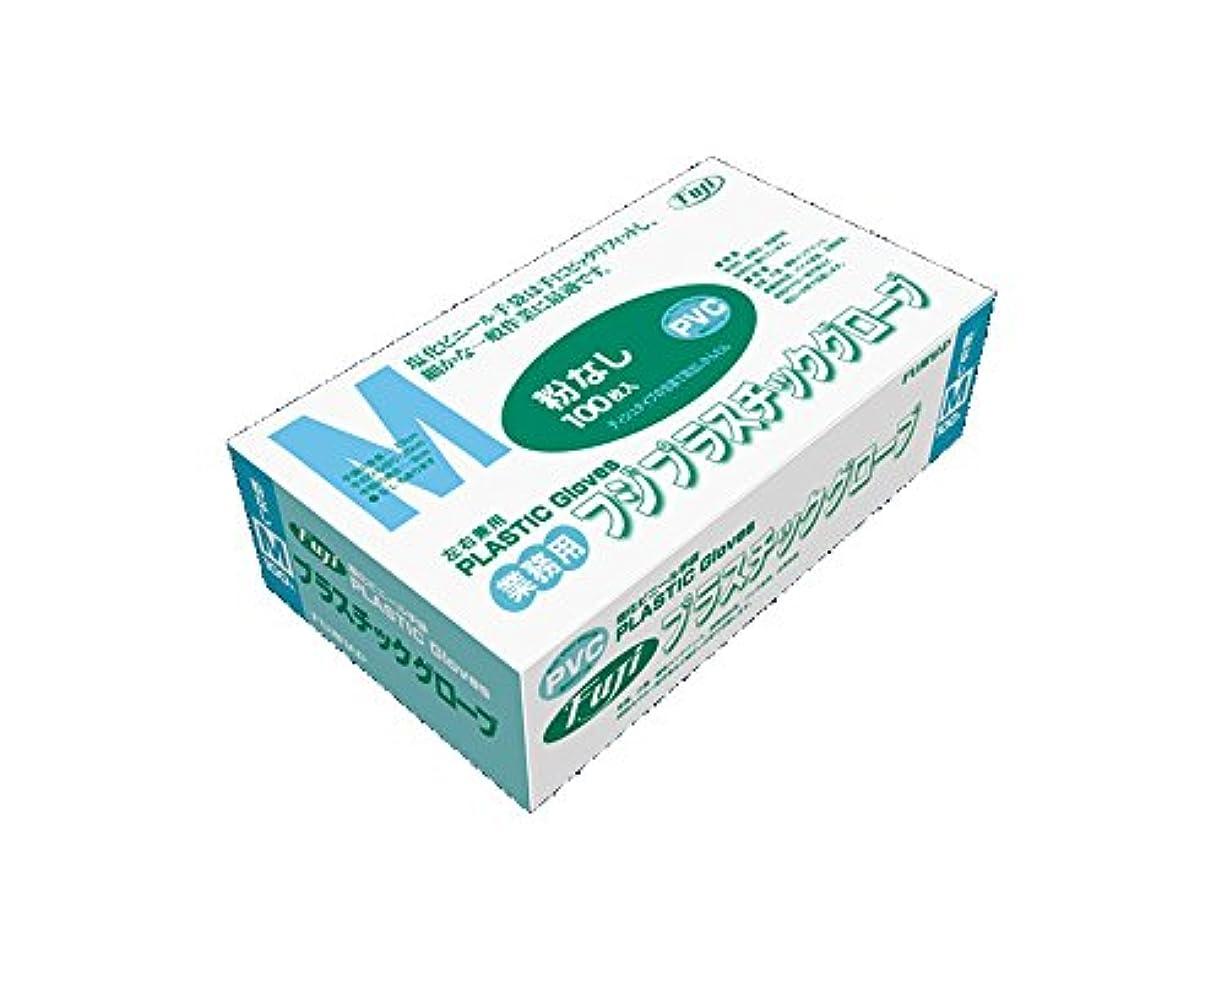 リングバックギネス故障フジ プラスチックグローブM粉無PVC 入数:100枚×20箱